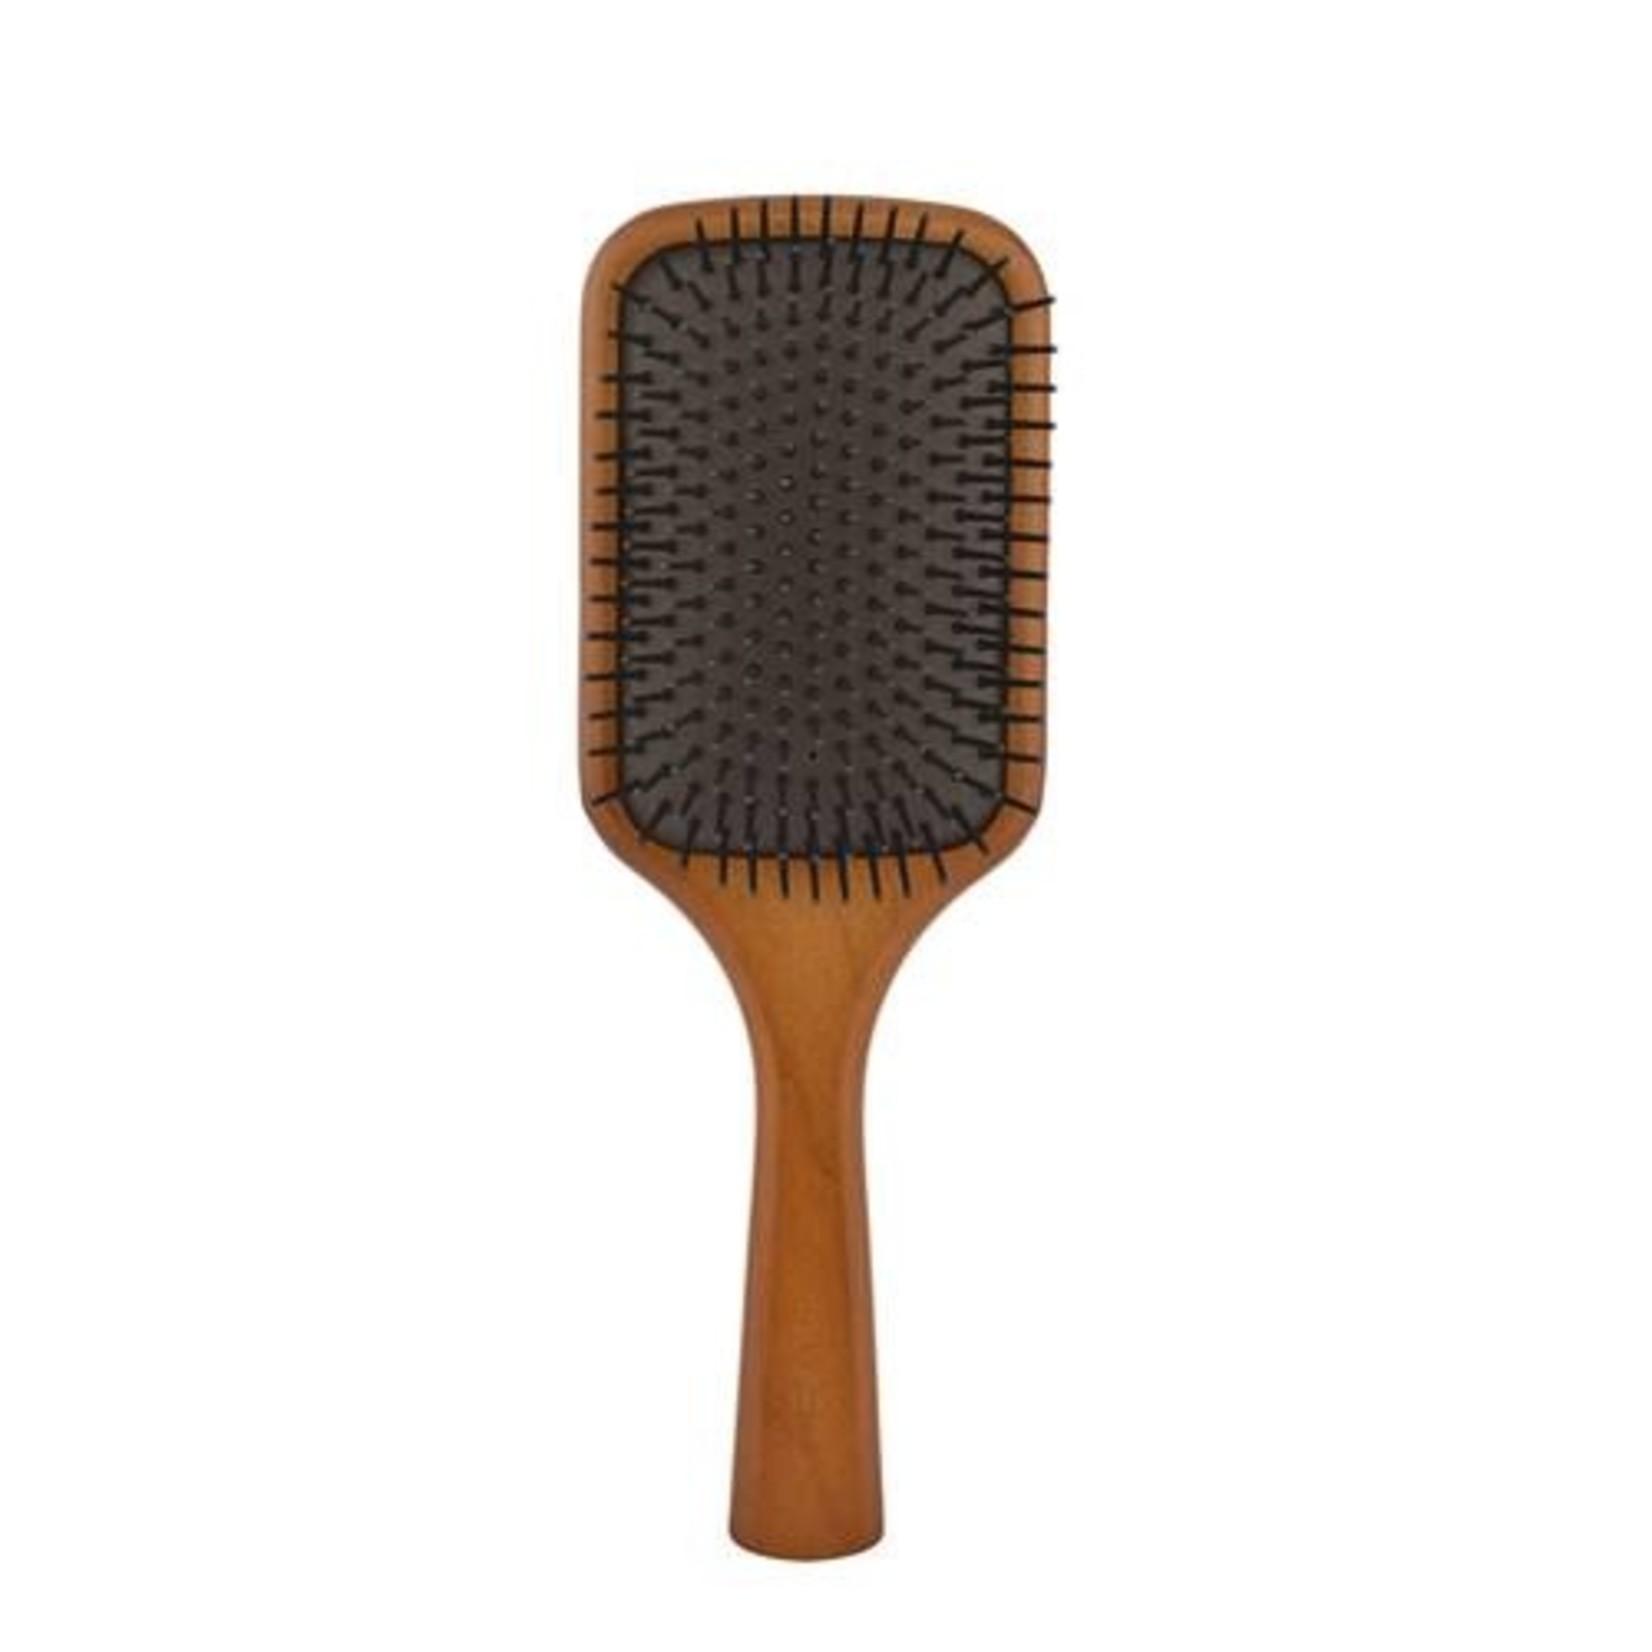 AVEDA Aveda Wooden Paddle Brush